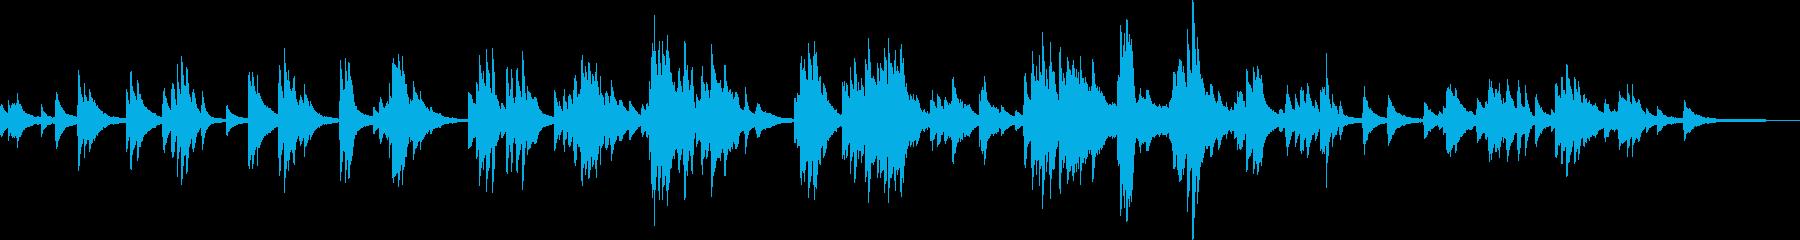 カフェと雨(ピアノ・しっとり・お洒落)の再生済みの波形